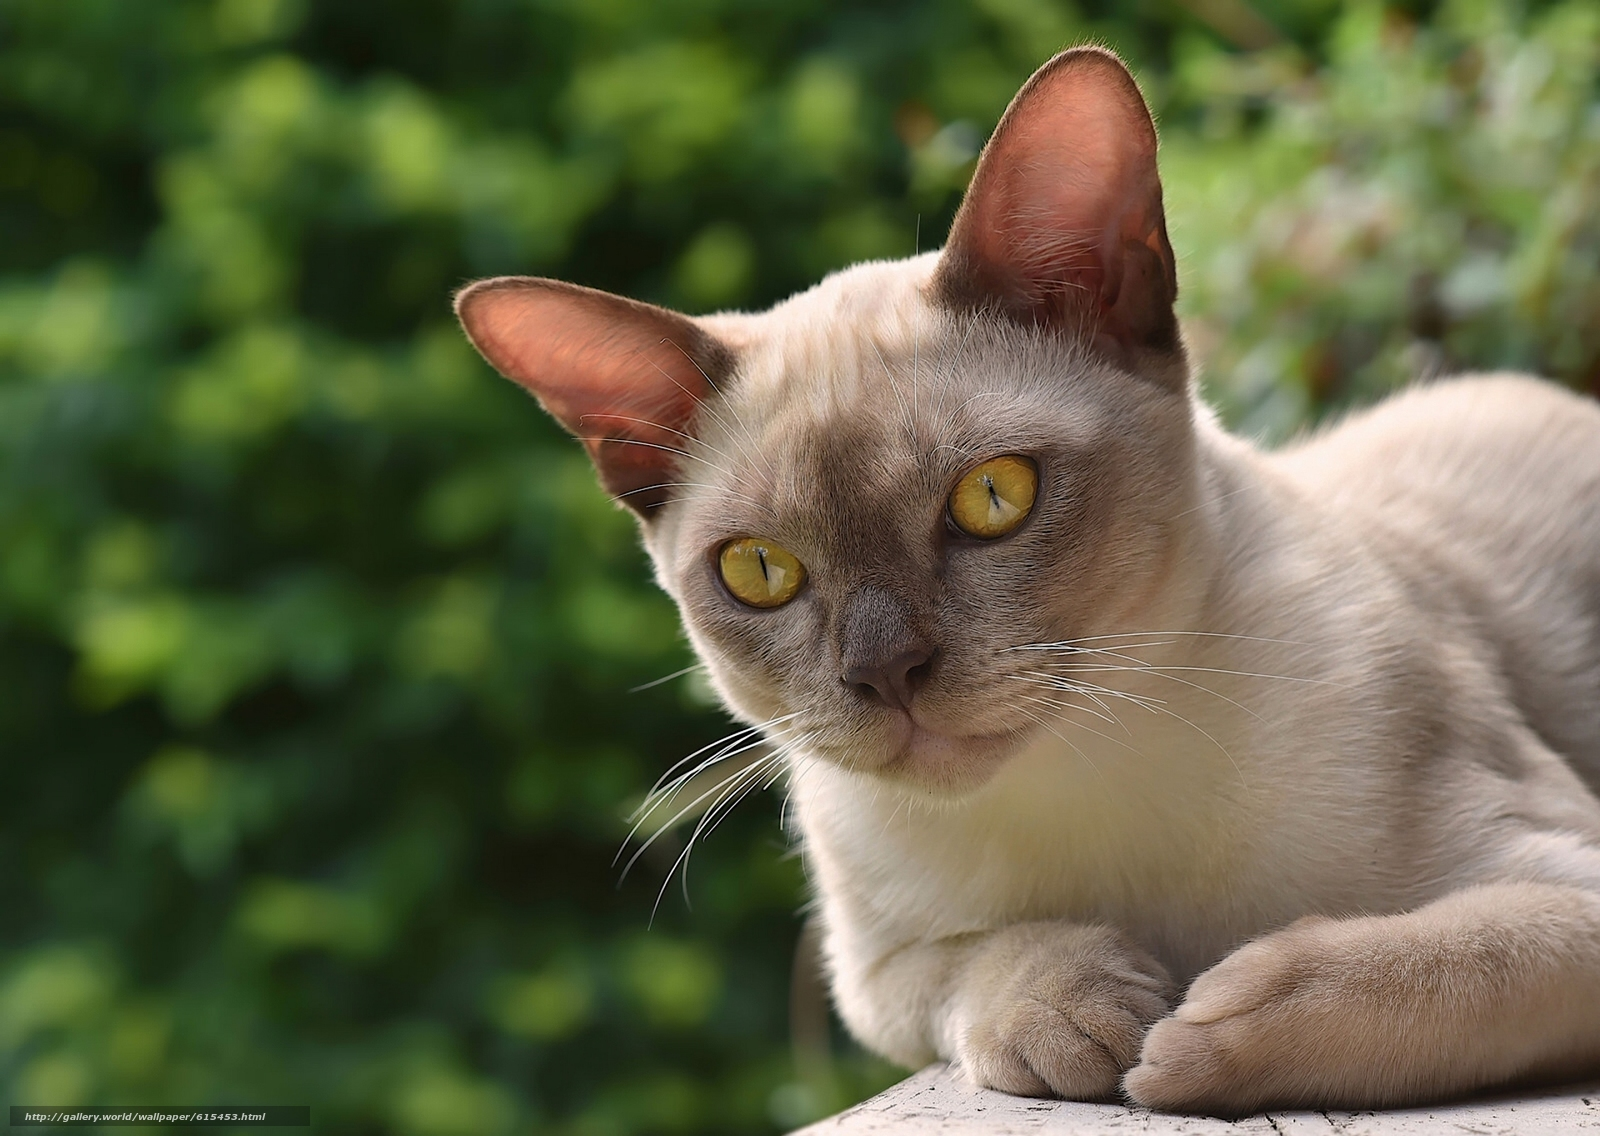 scaricare gli sfondi Gatto Burmese,  Birmano,  gatto,  museruola Sfondi gratis per la risoluzione del desktop 1920x1363 — immagine №615453